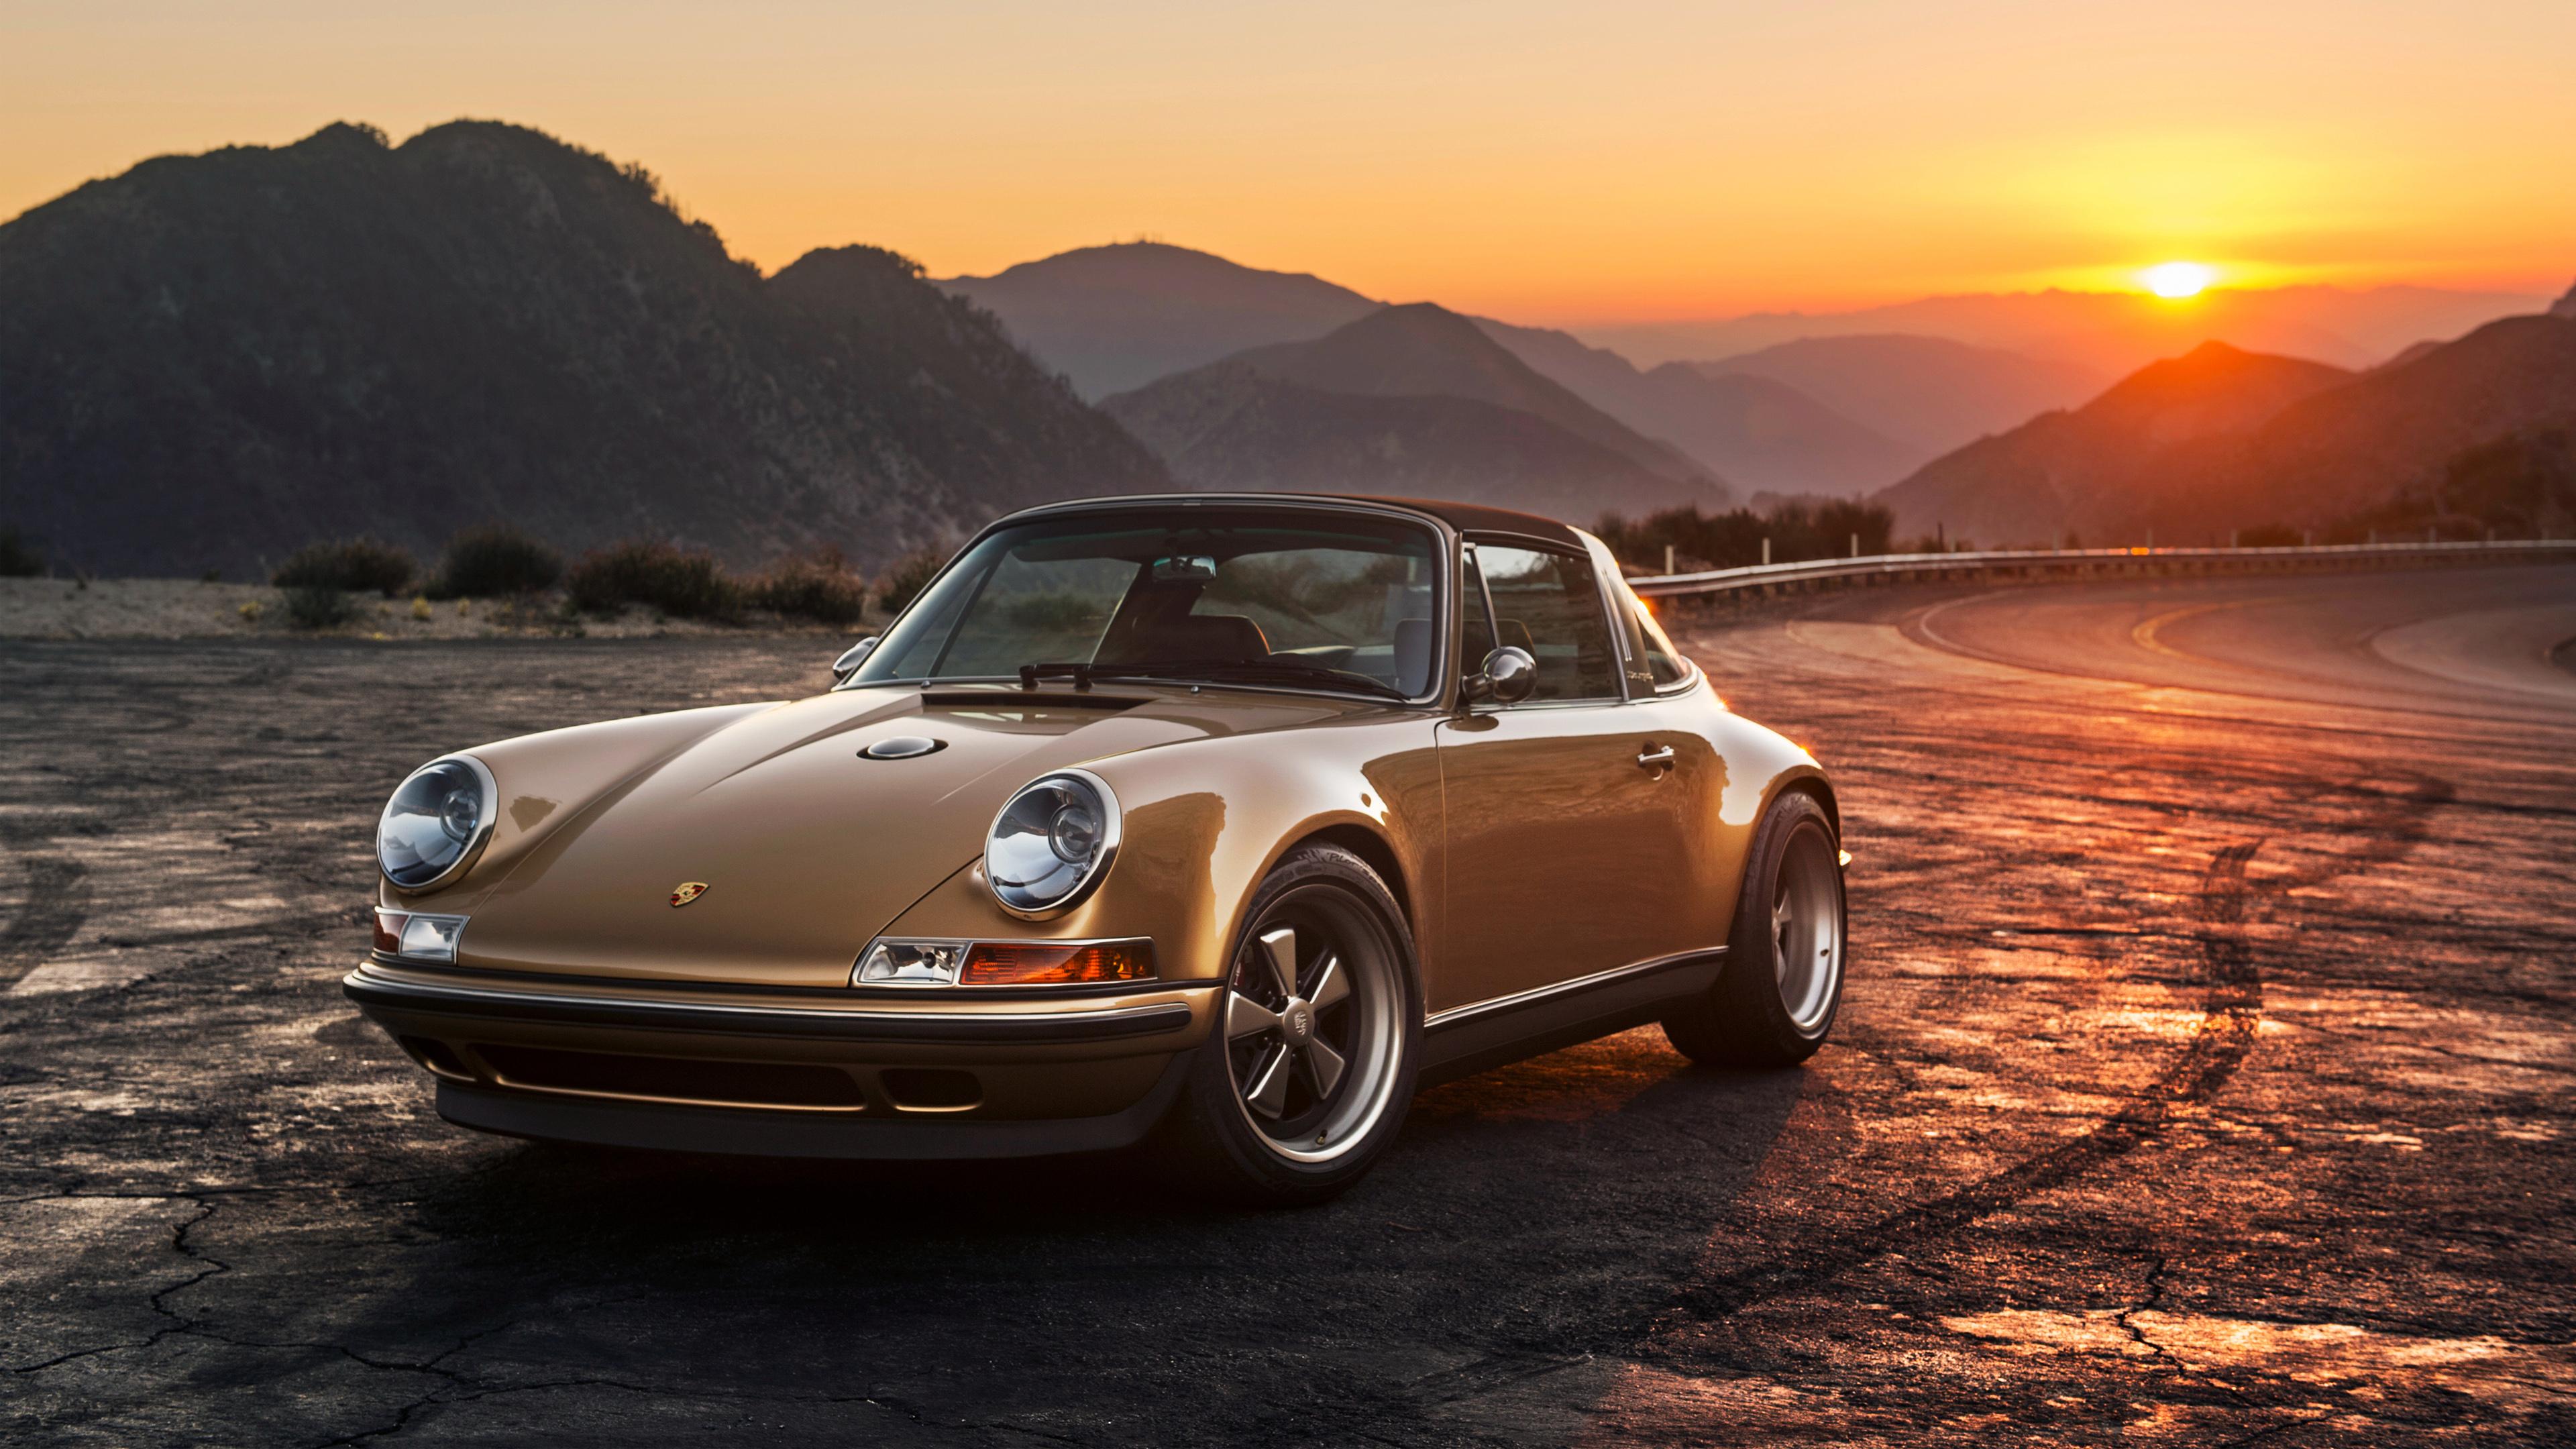 2015 Singer Porsche 911 Targa Wallpaper HD Car Wallpapers 3840x2160